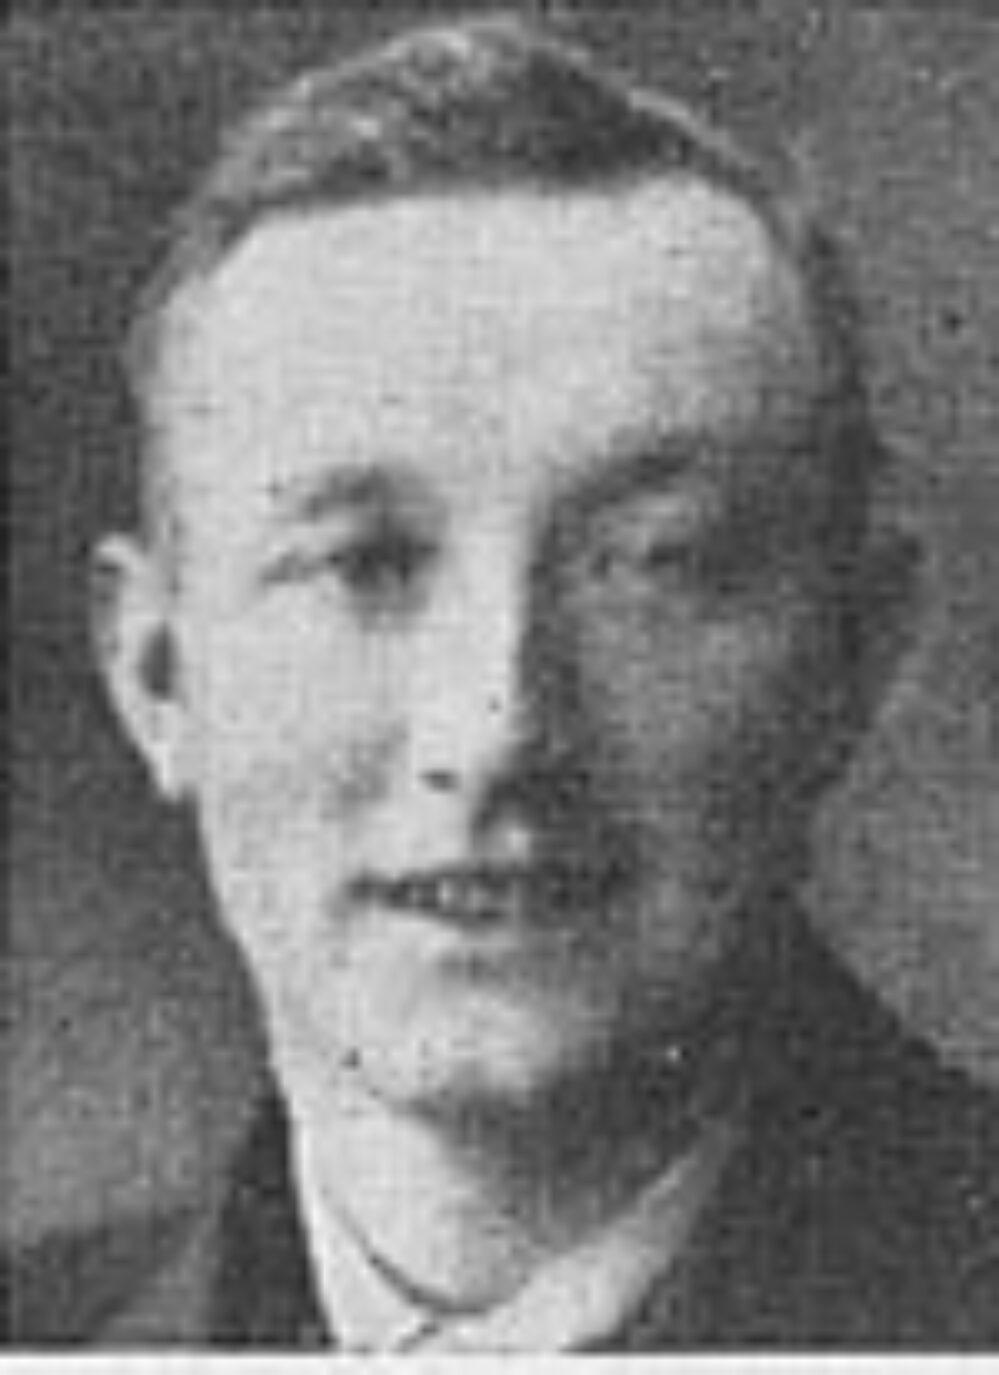 Helmer Gustav Larsen